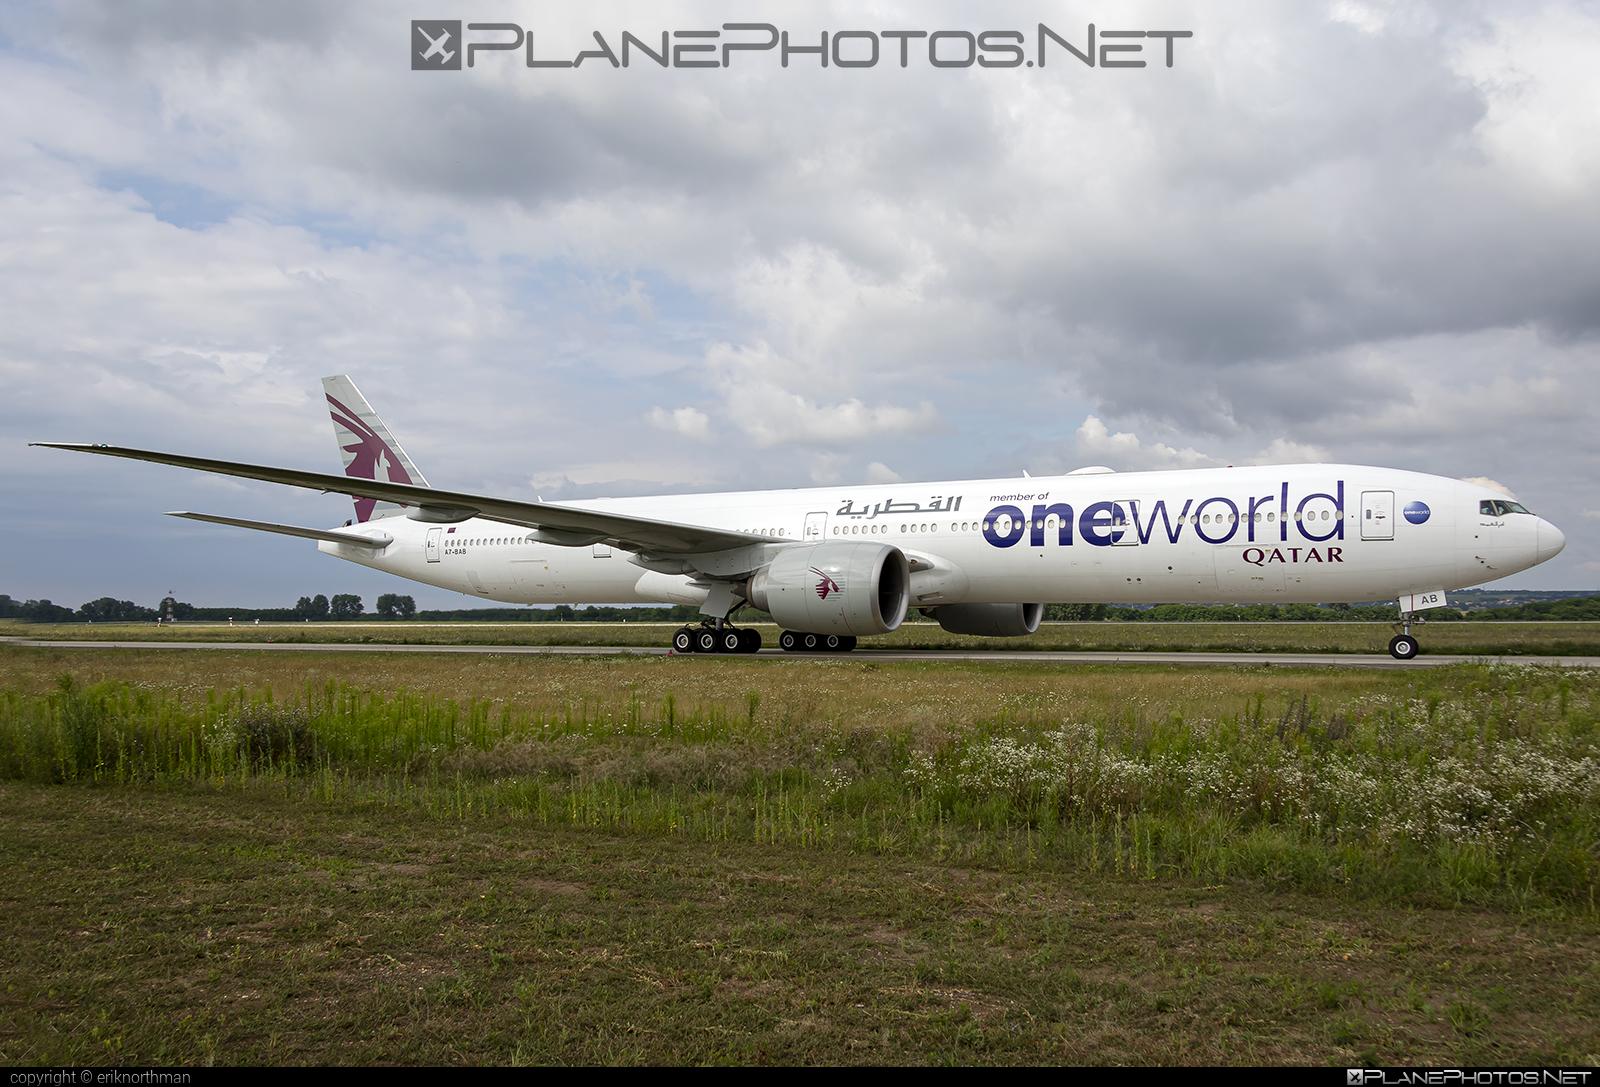 Boeing 777-300ER - A7-BAB operated by Qatar Airways #b777 #b777er #boeing #boeing777 #oneworld #qatarairways #tripleseven